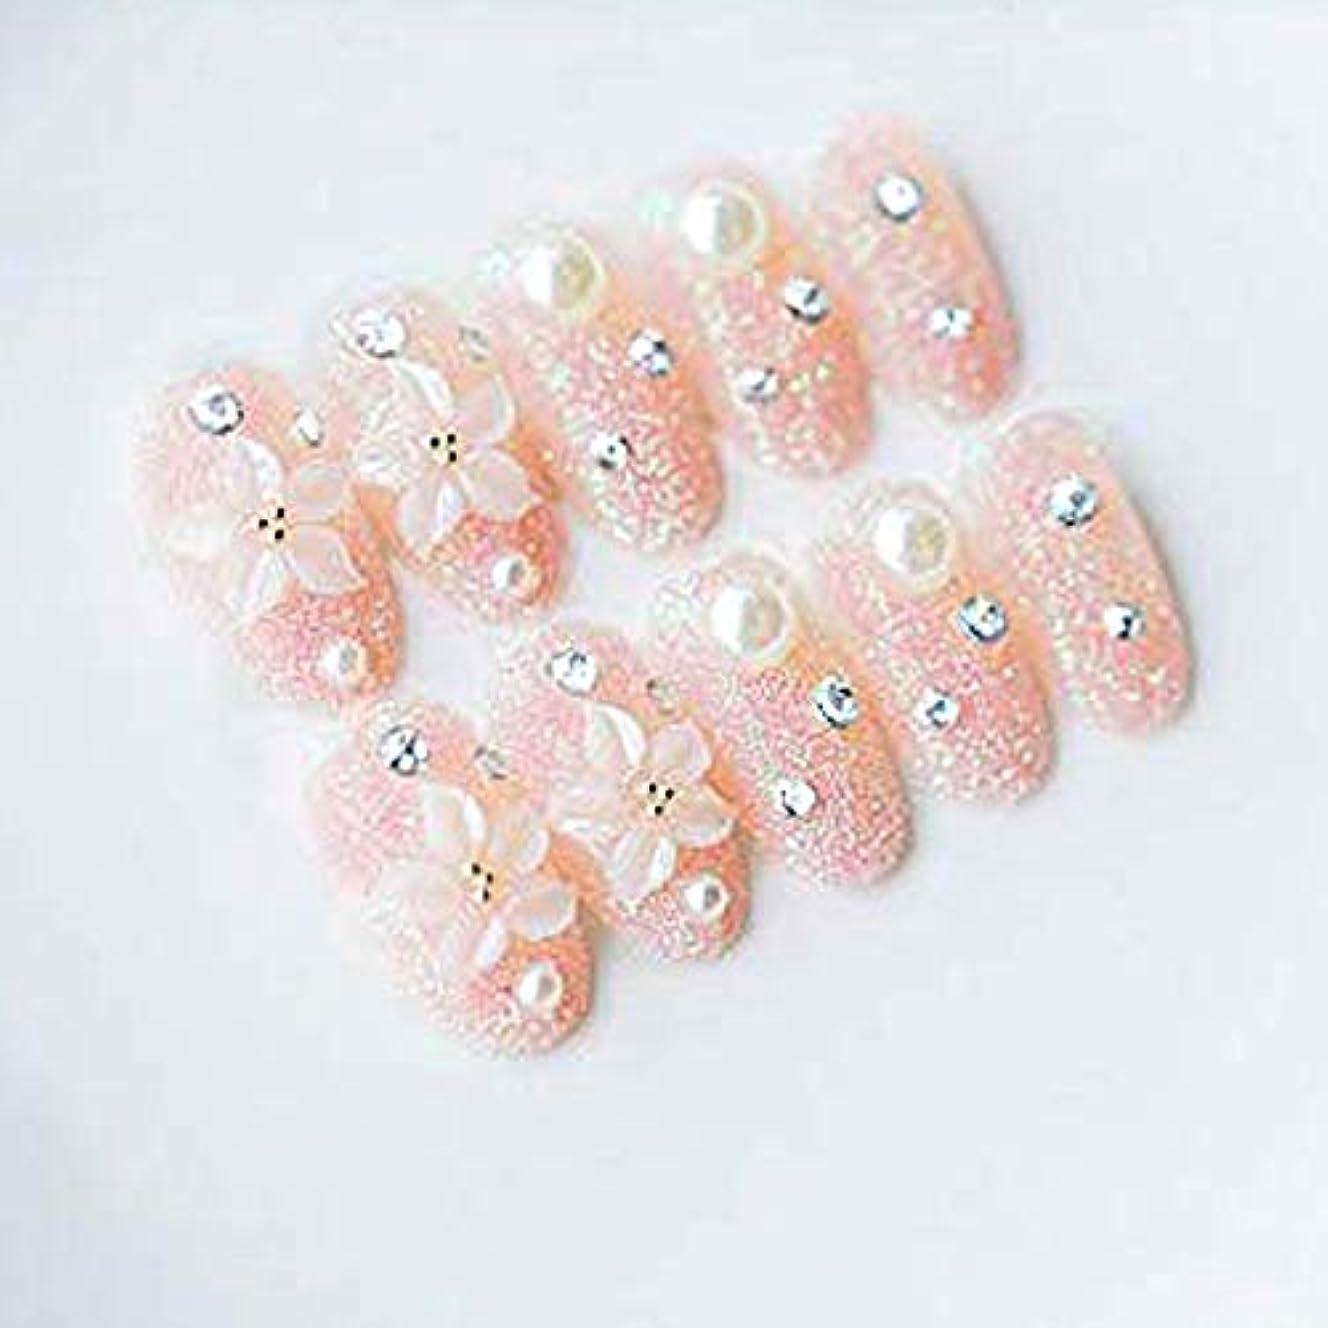 分布句電報24枚 手作りネイルチップ 花を彫る キラキラ 和装ネイル 手作りネイルチップ 可愛い優雅ネイル